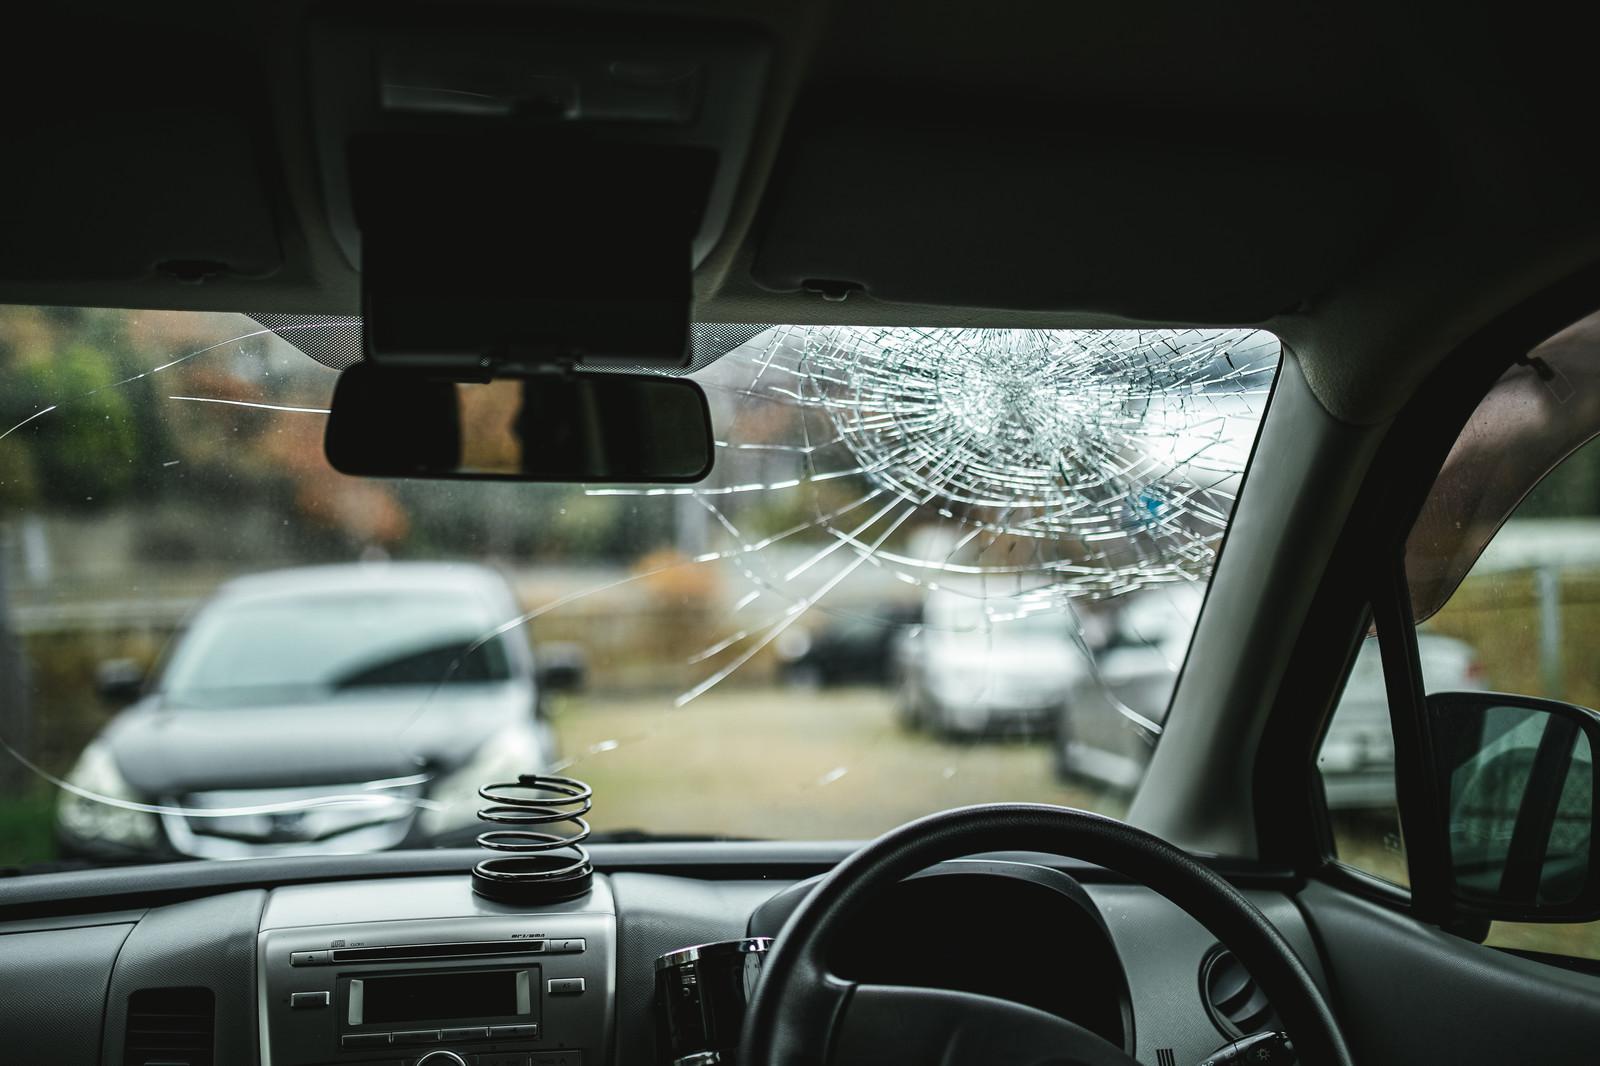 交通事故と運(事故運)は存在している?よく事故に遭ってしまう人